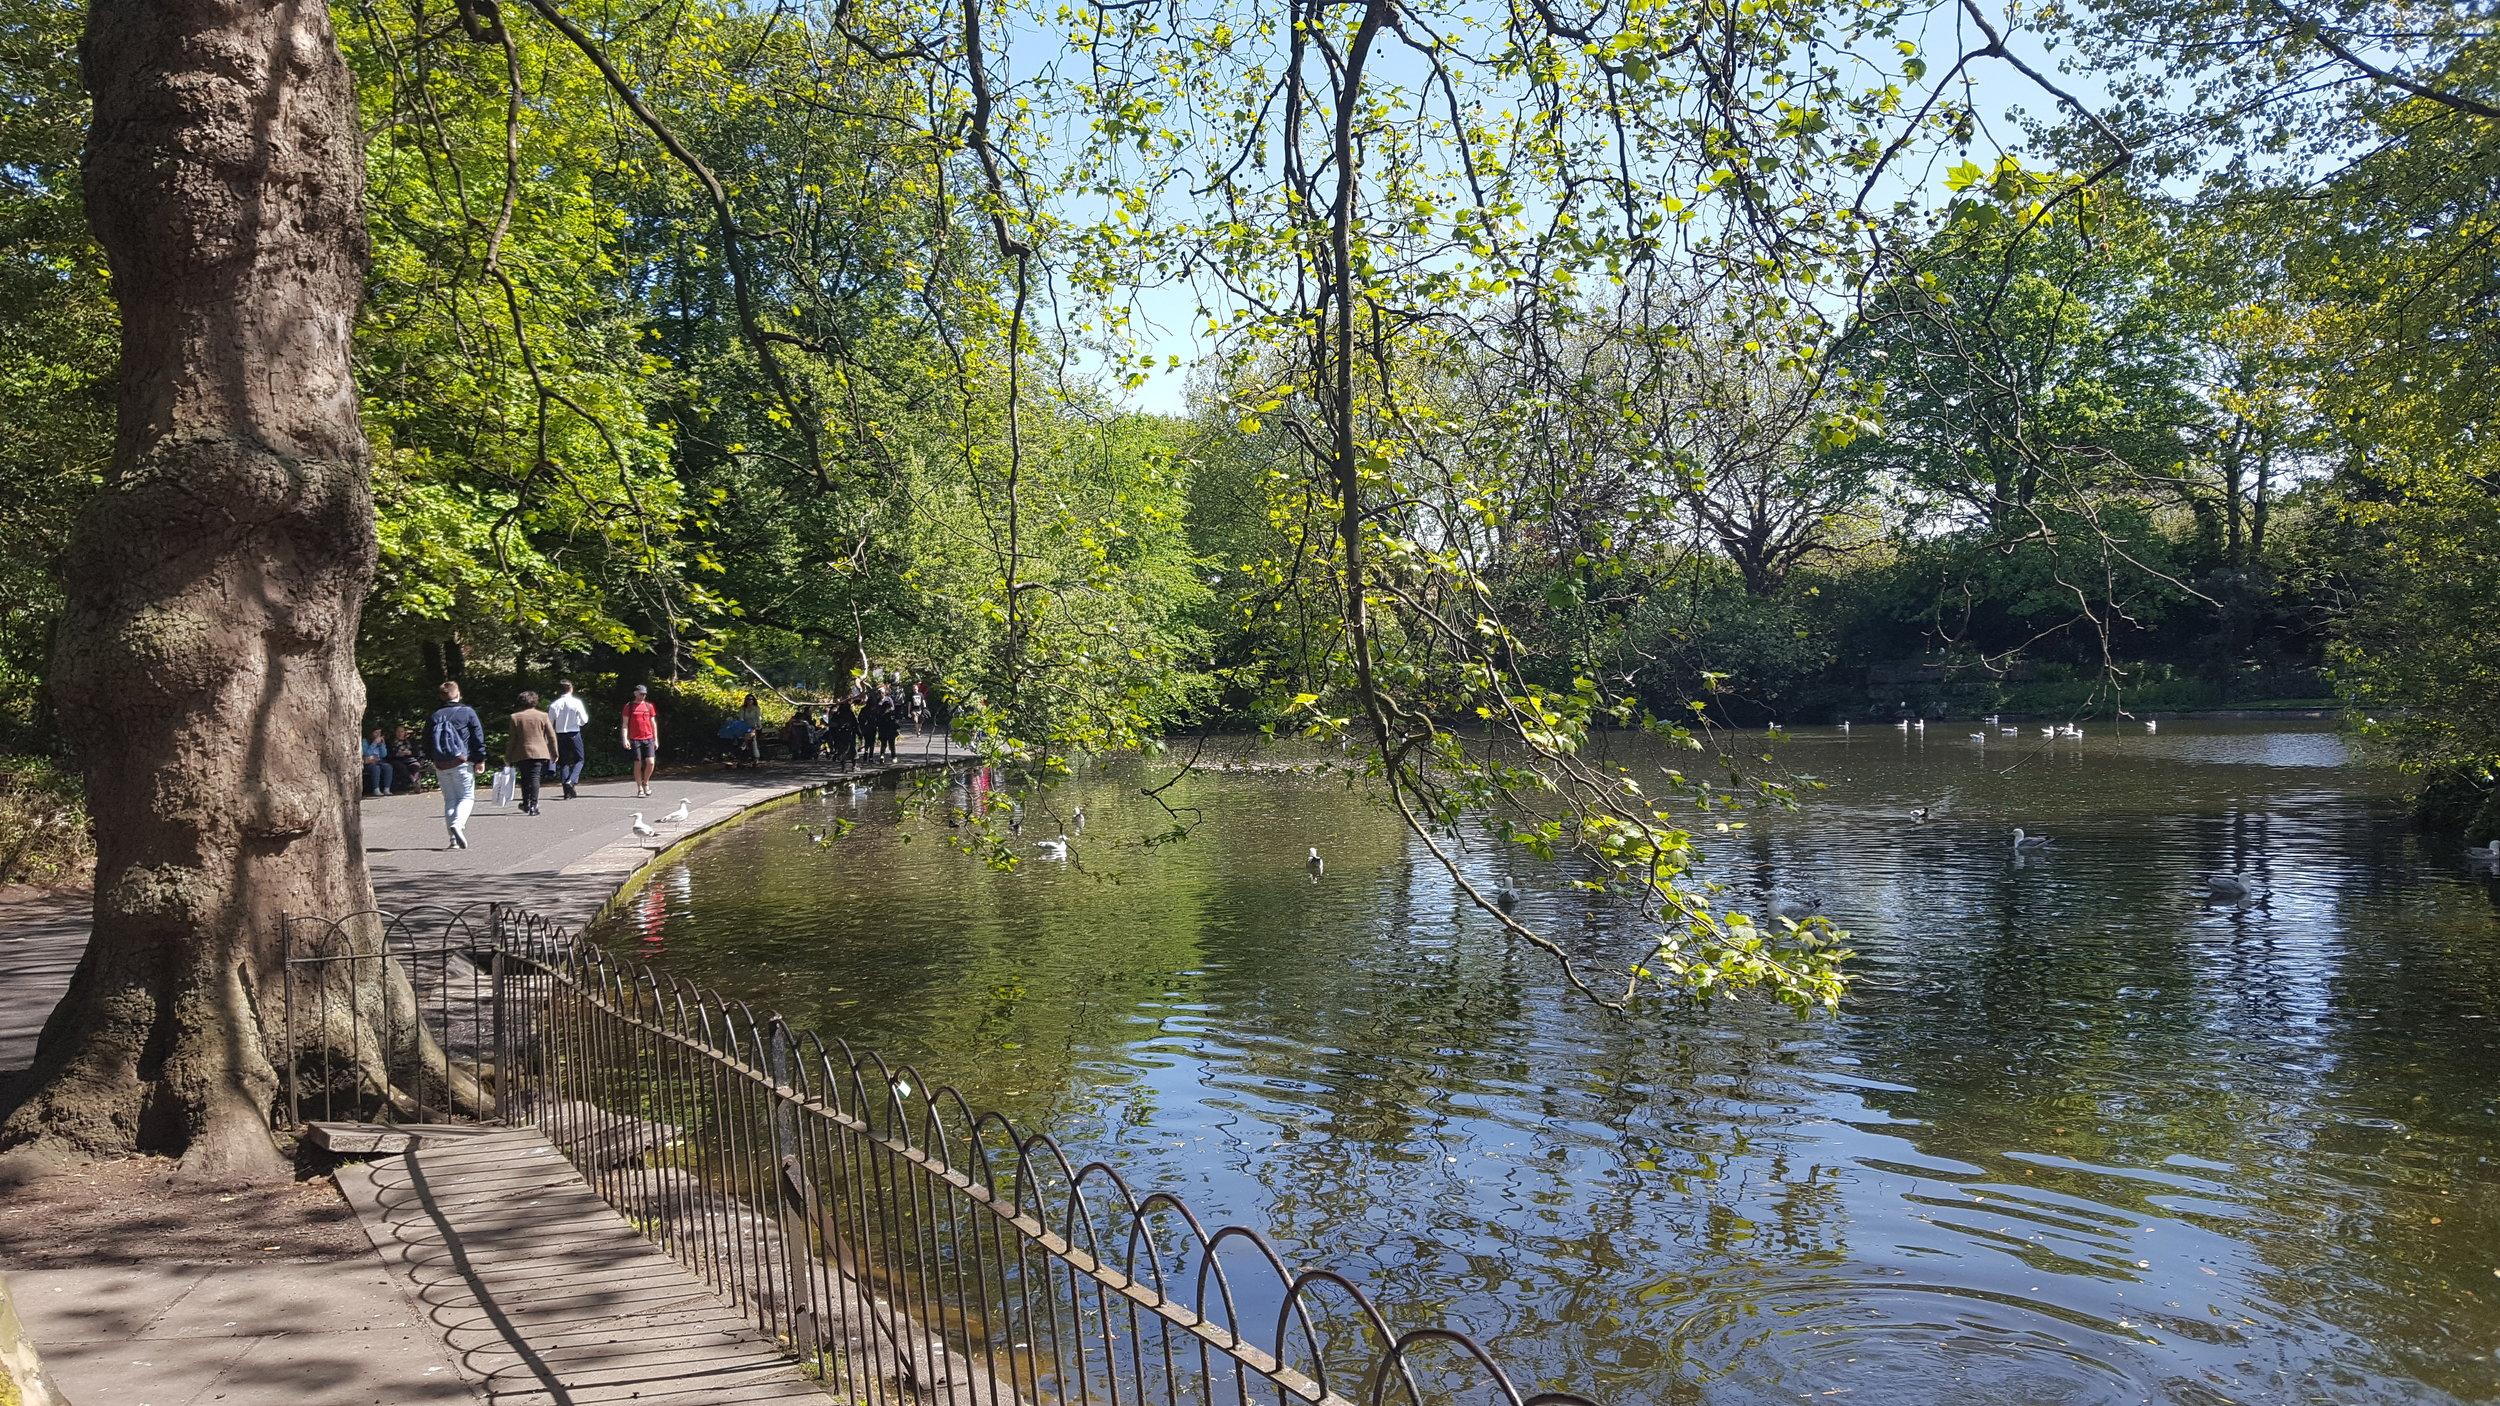 The serene setting of St Stephen's Green, Dublin, Ireland